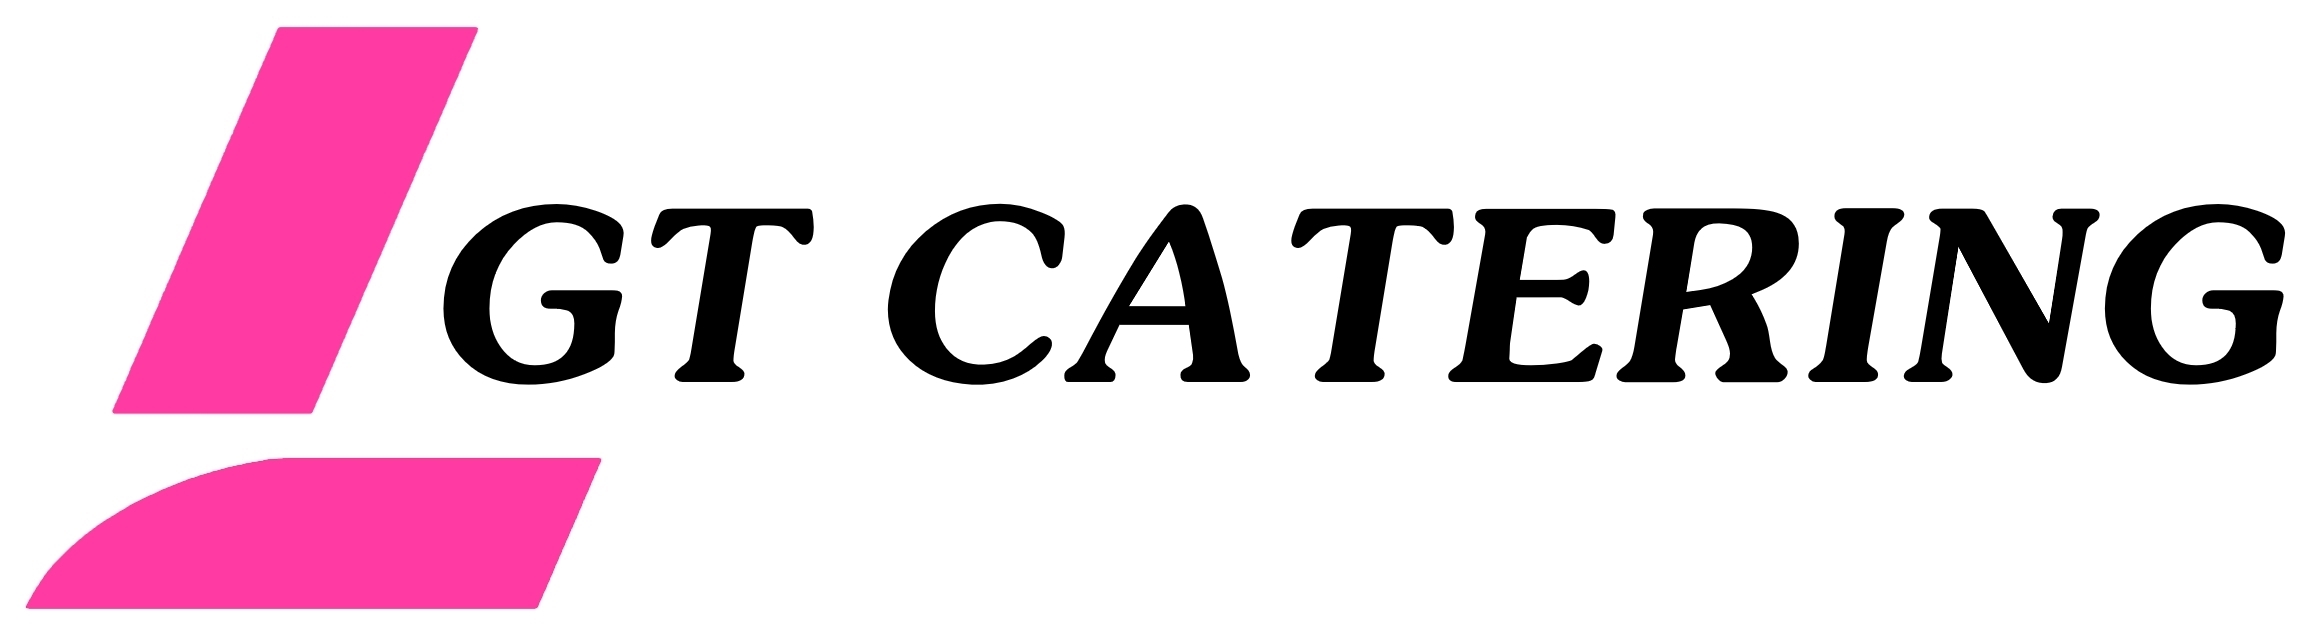 GT Catering - Matériel professionnel et consommable pour forains